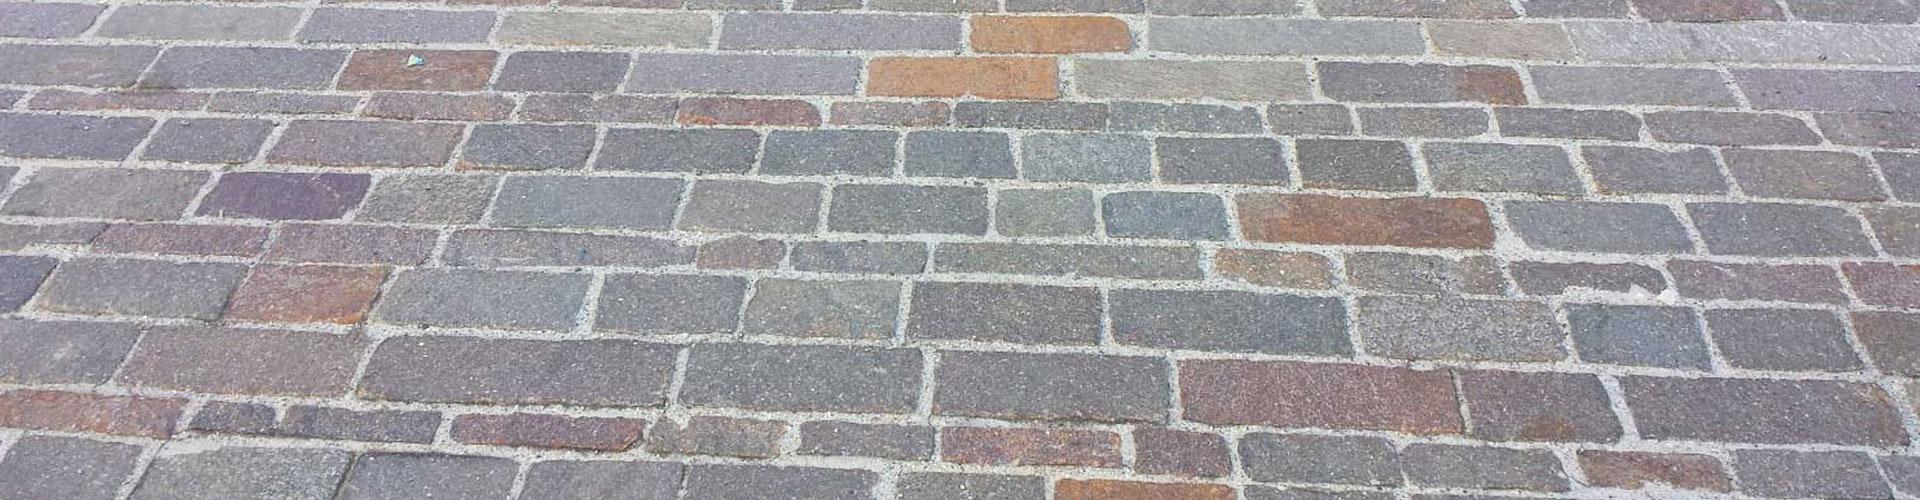 binderi in porfido per pavimentazioni esterne